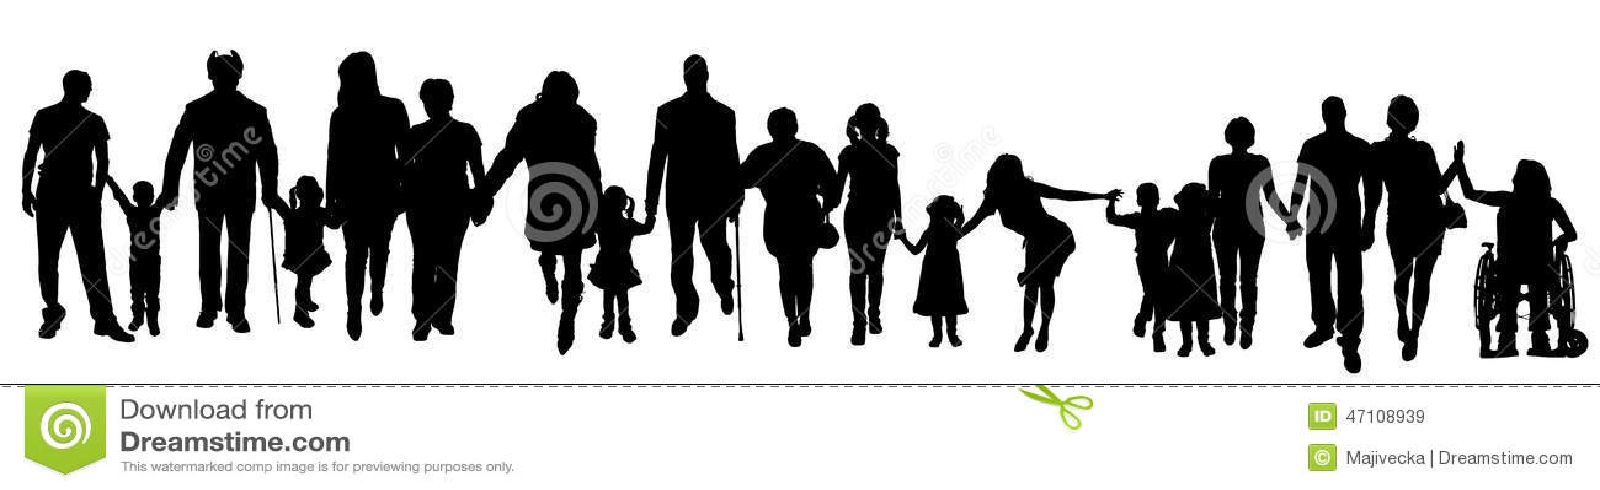 Vektorschattenbild einer Gruppe von Personen